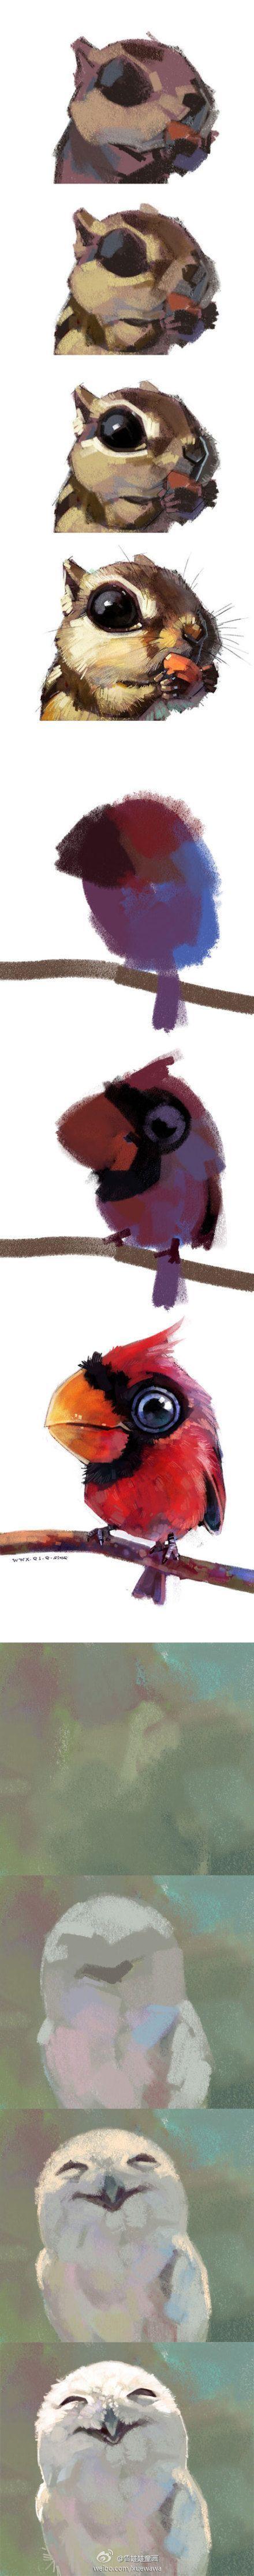 二阶段简单步骤~ Lovely little animals in progressional states of completion.